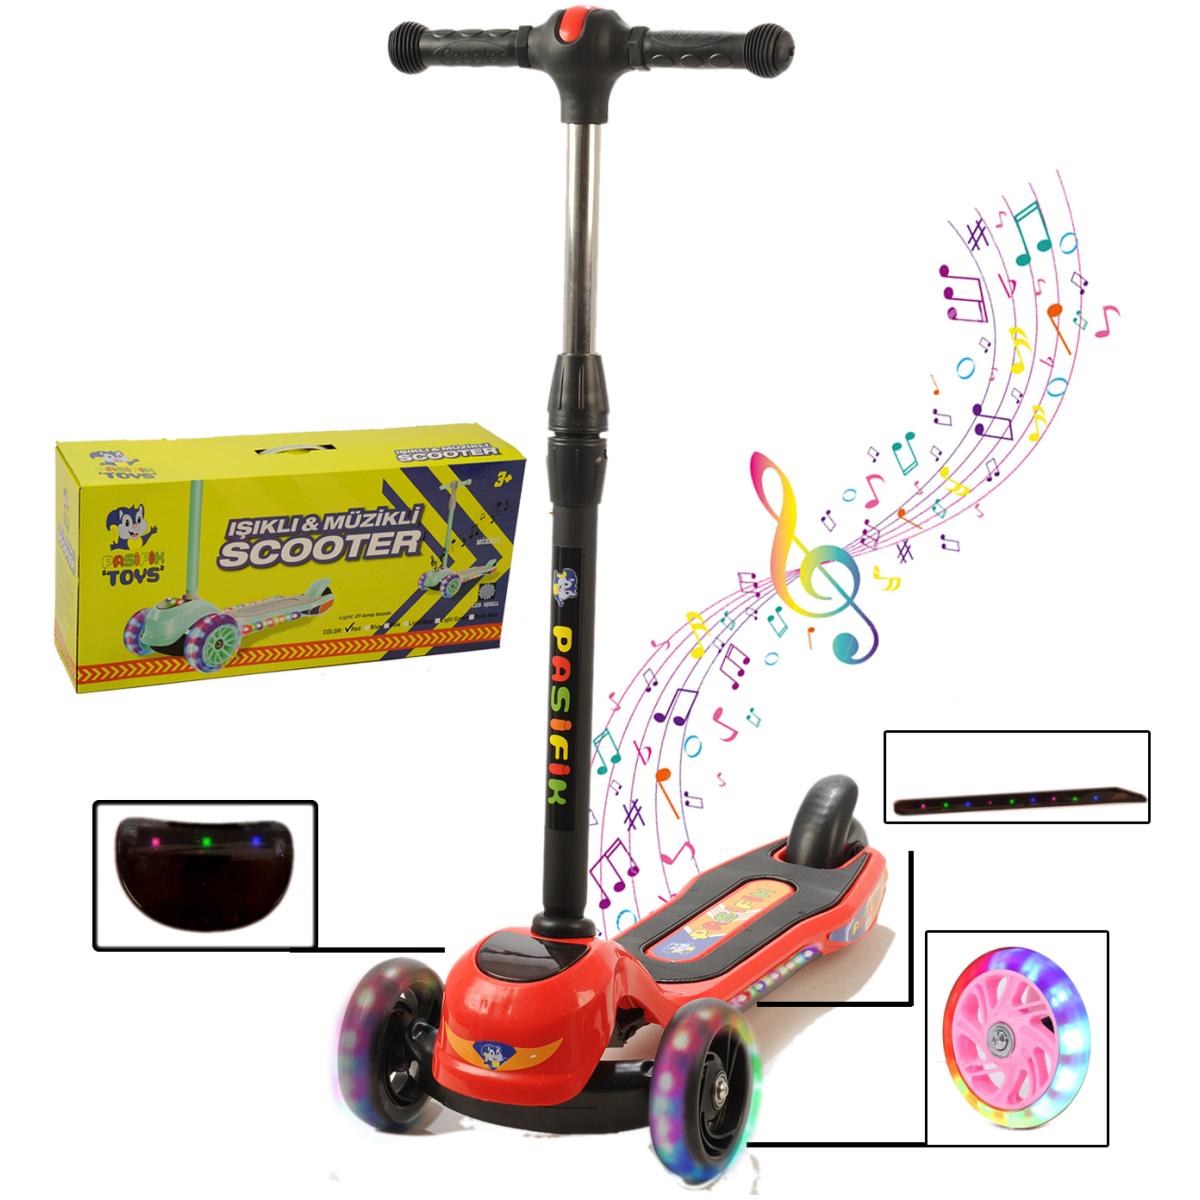 Müzikli Ve Led Işıklı Büyük Üç Teker Ve Gövde Çocuk Scooter